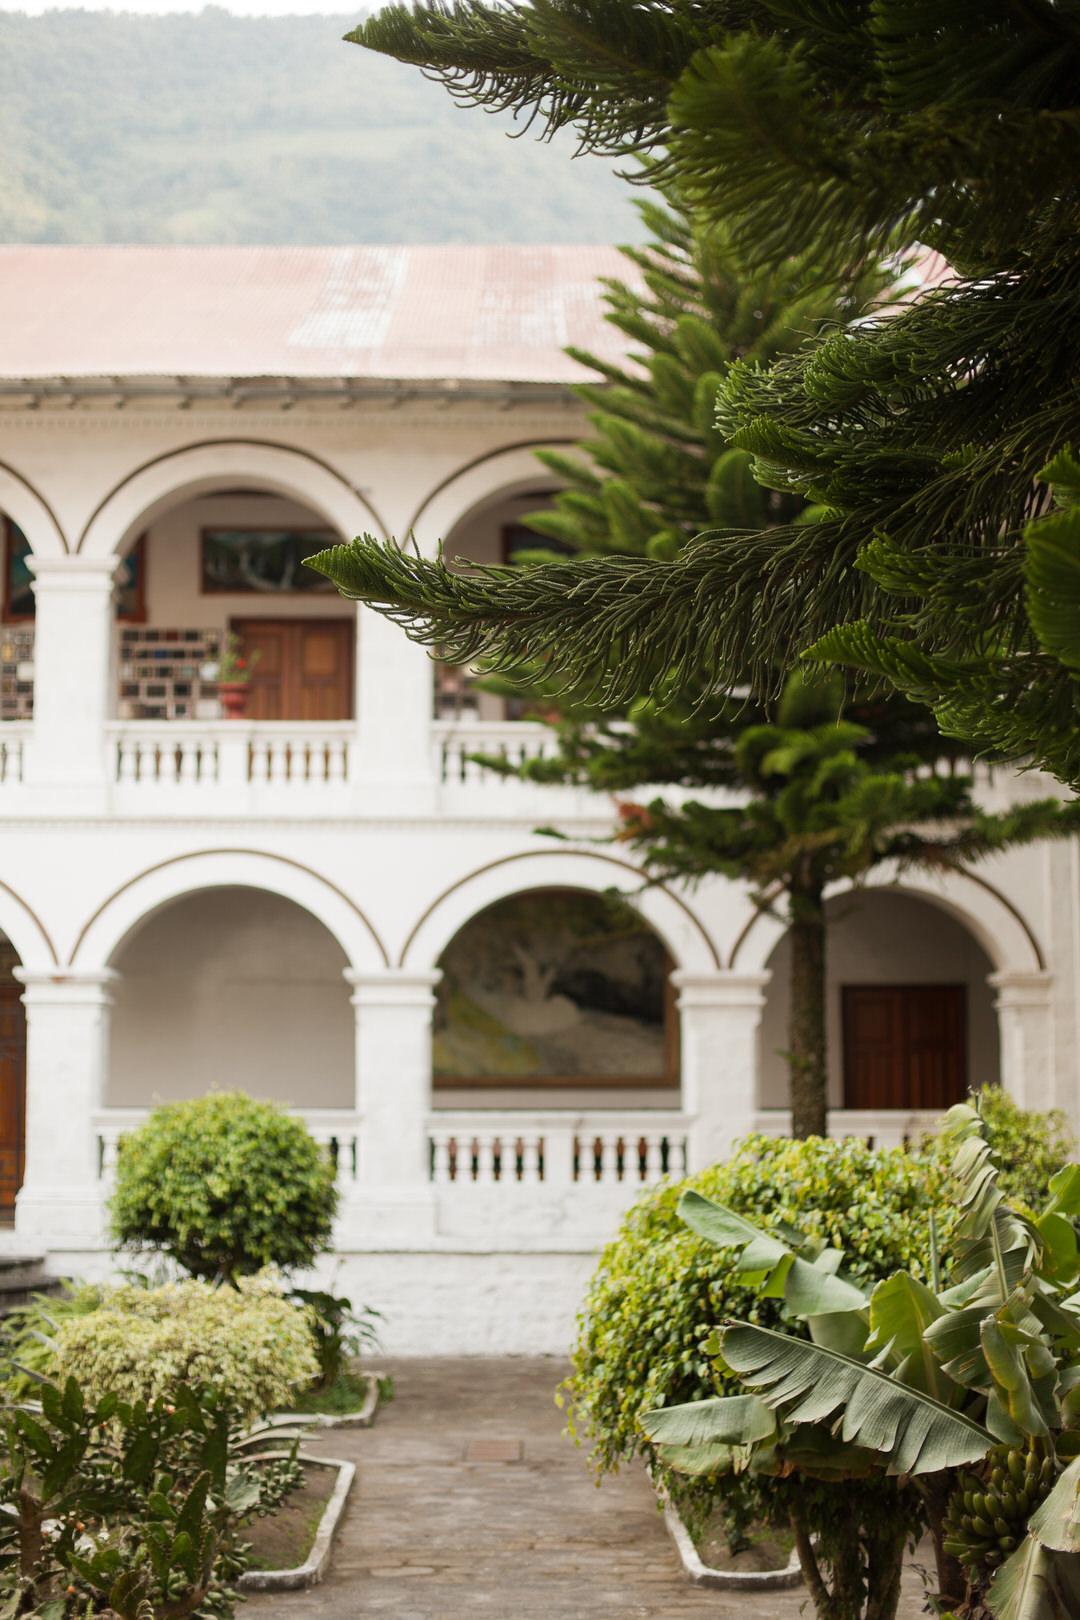 melissa kruse photography - Banos, Ecuador-14.jpg